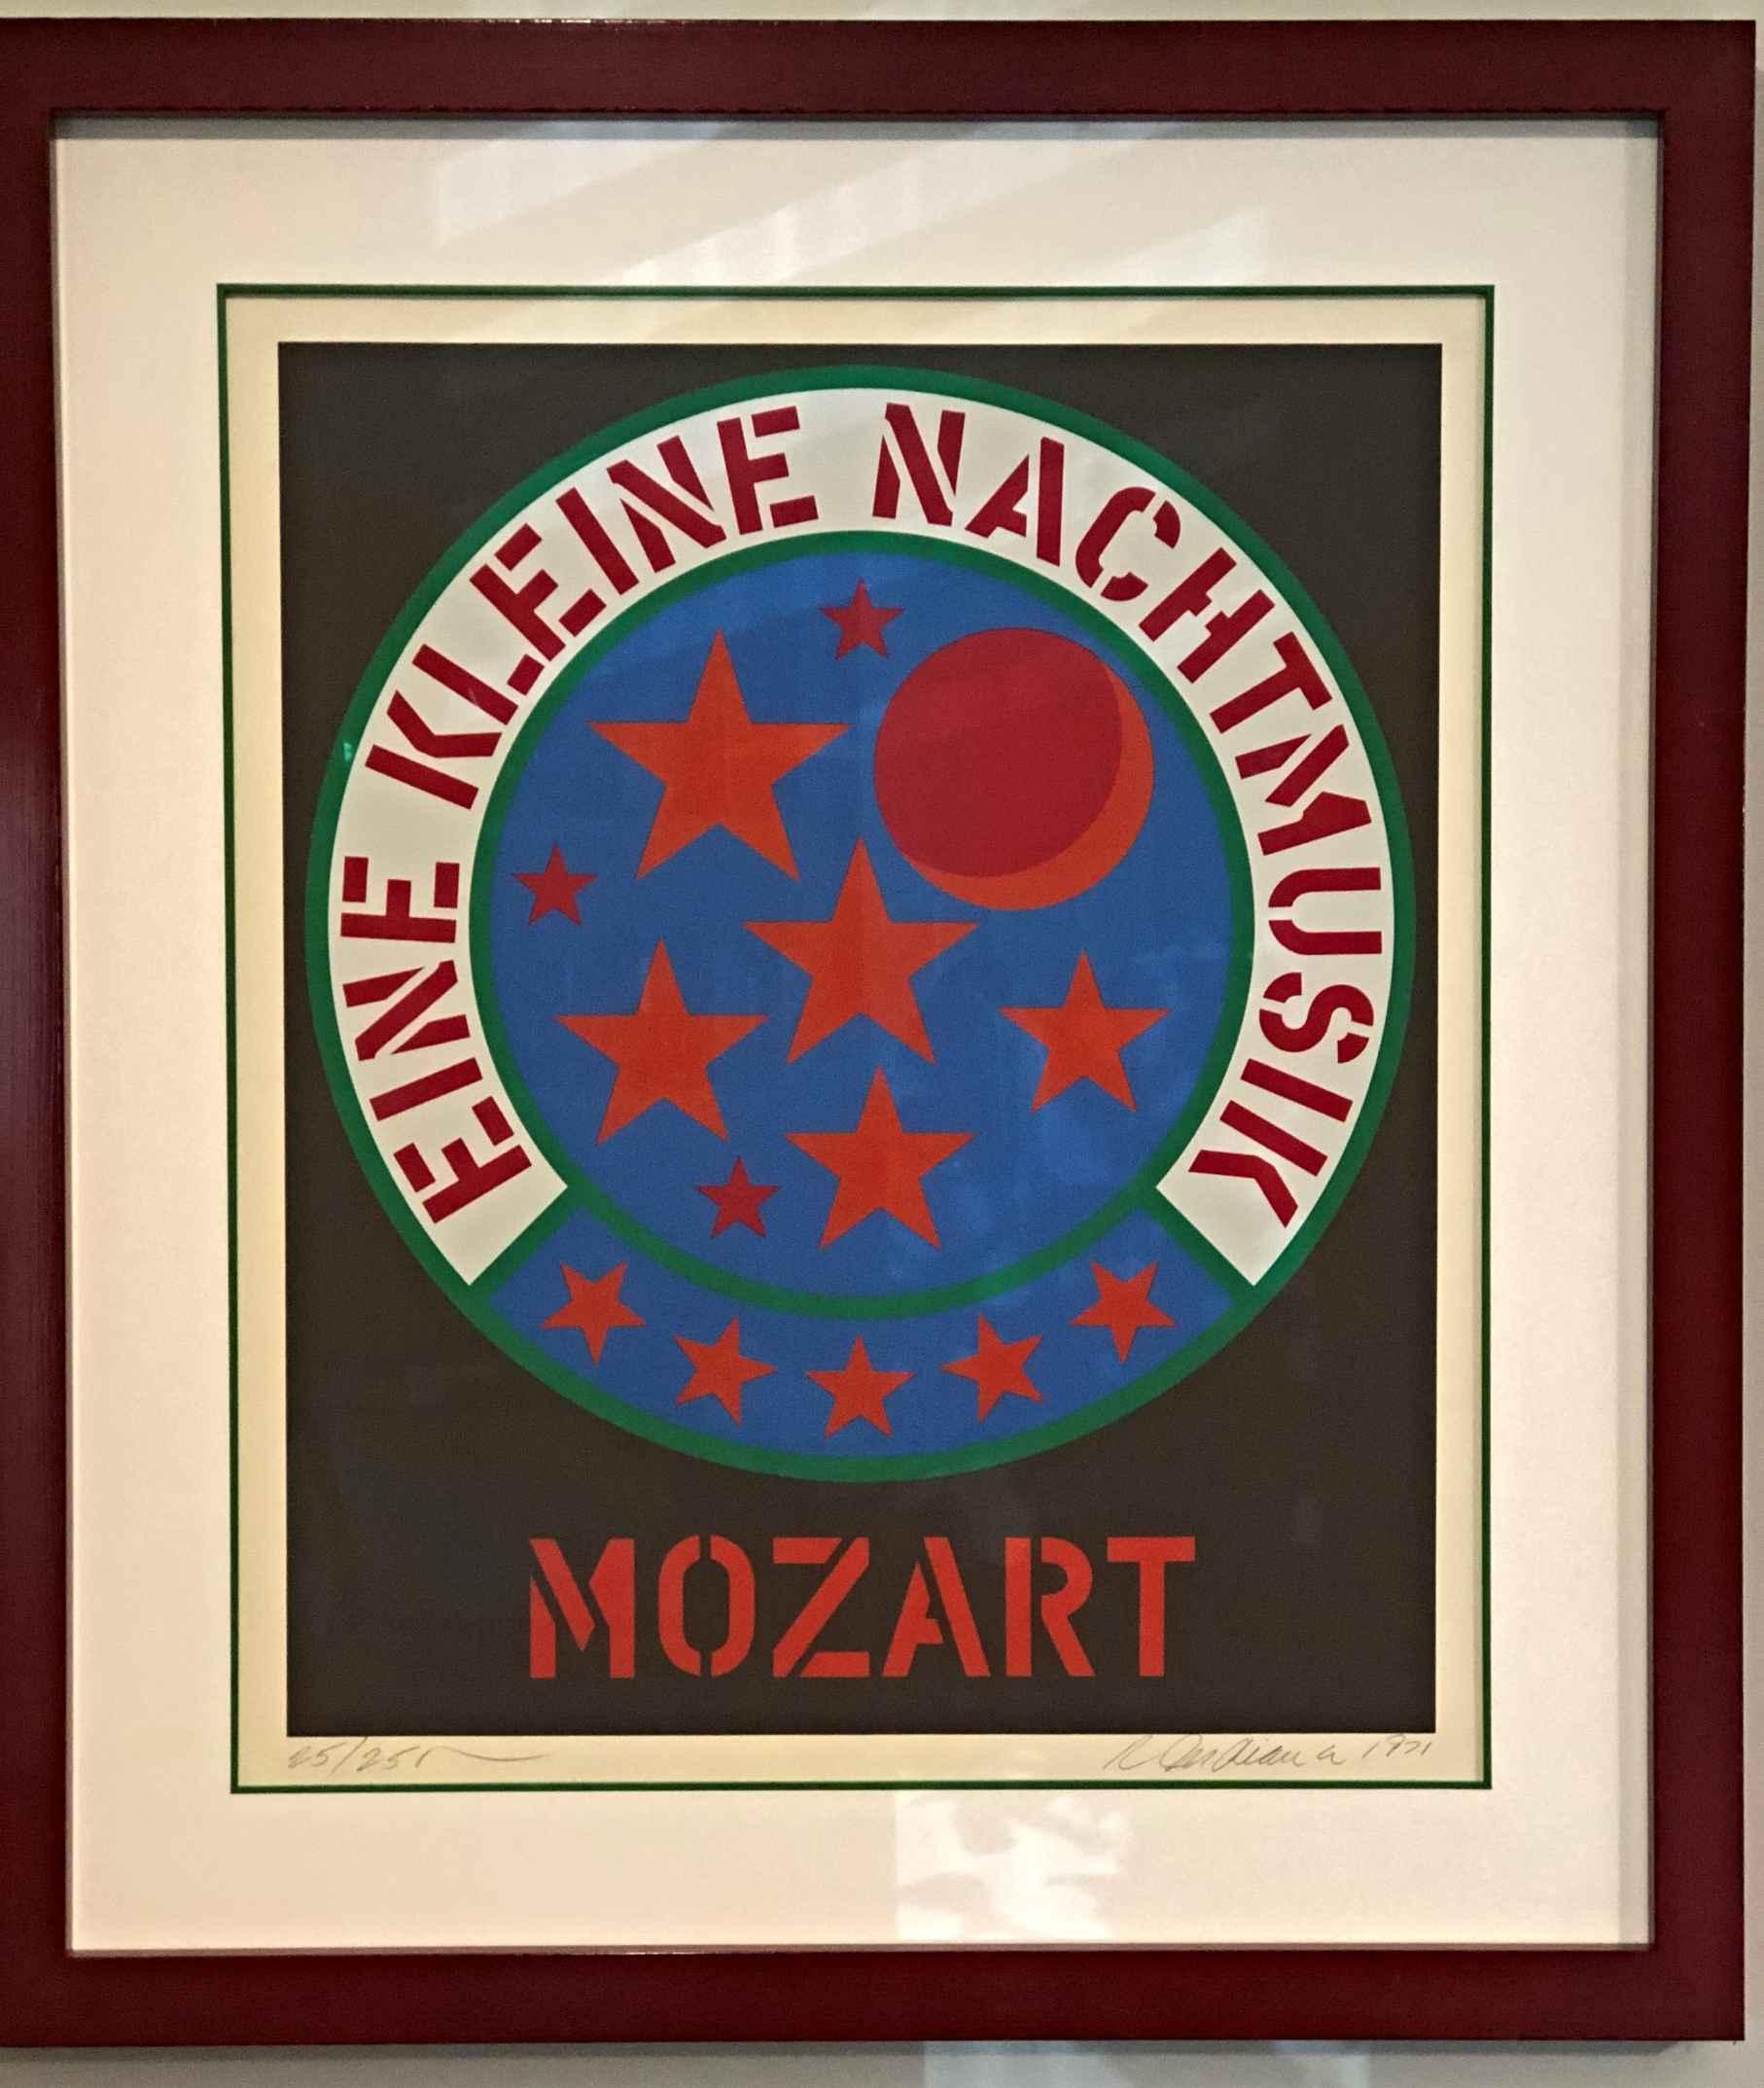 Eine Kleine Nachtmusi... by  Robert Indiana - Masterpiece Online